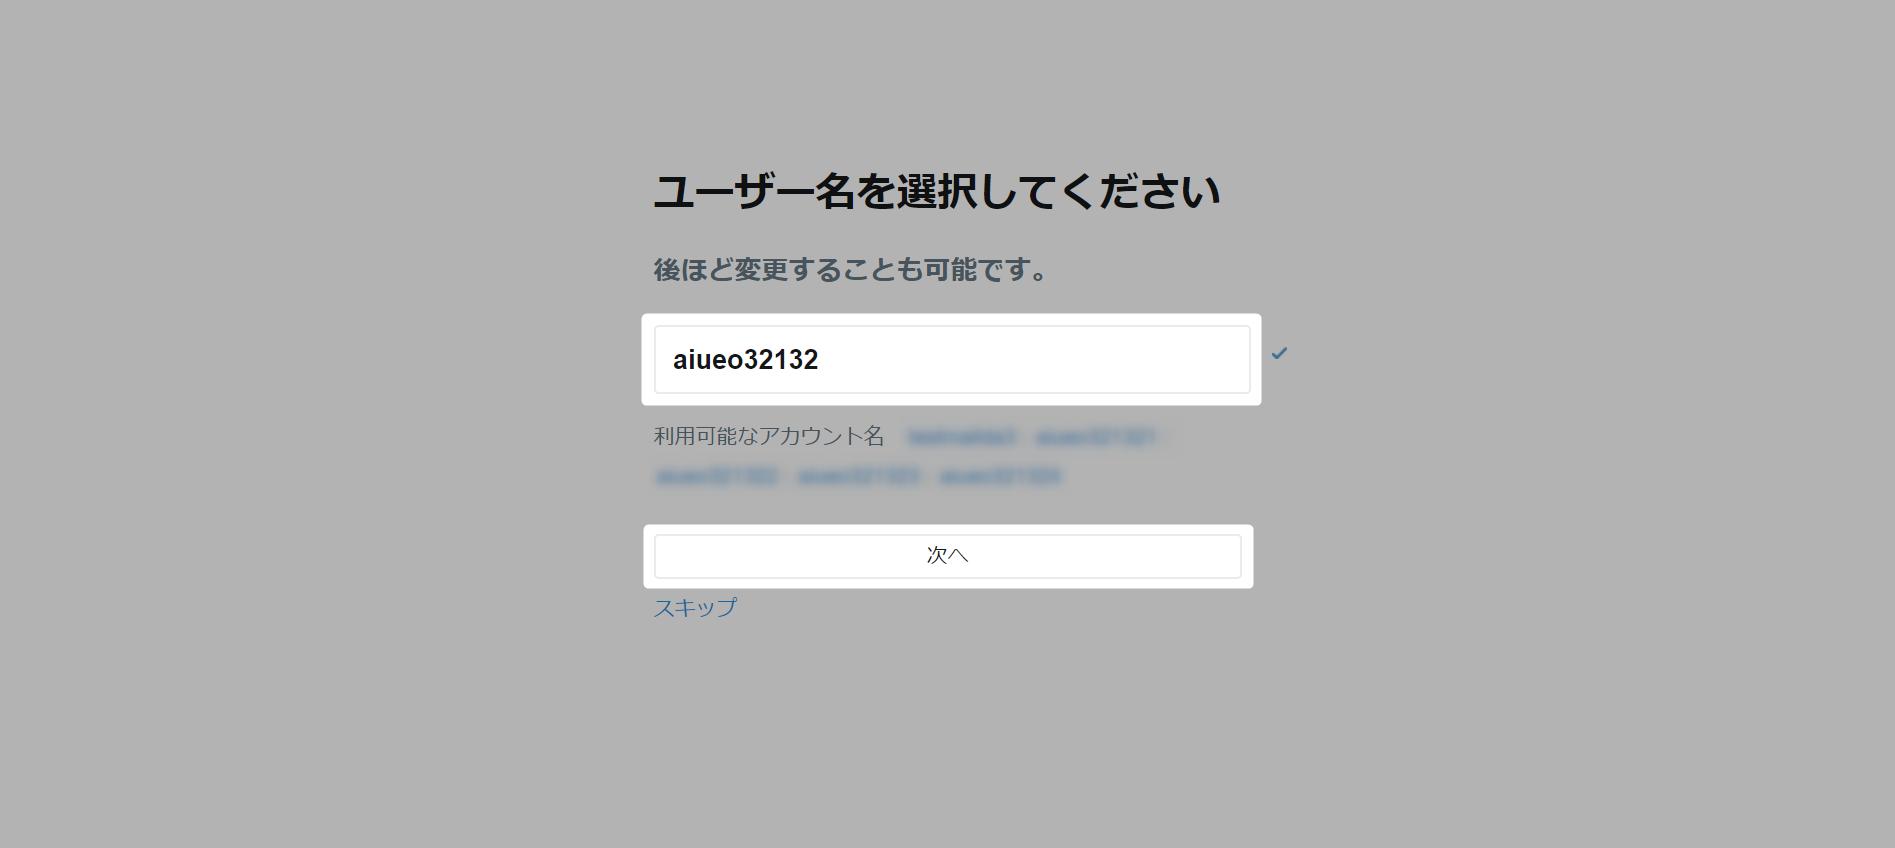 ユーザー名を選択